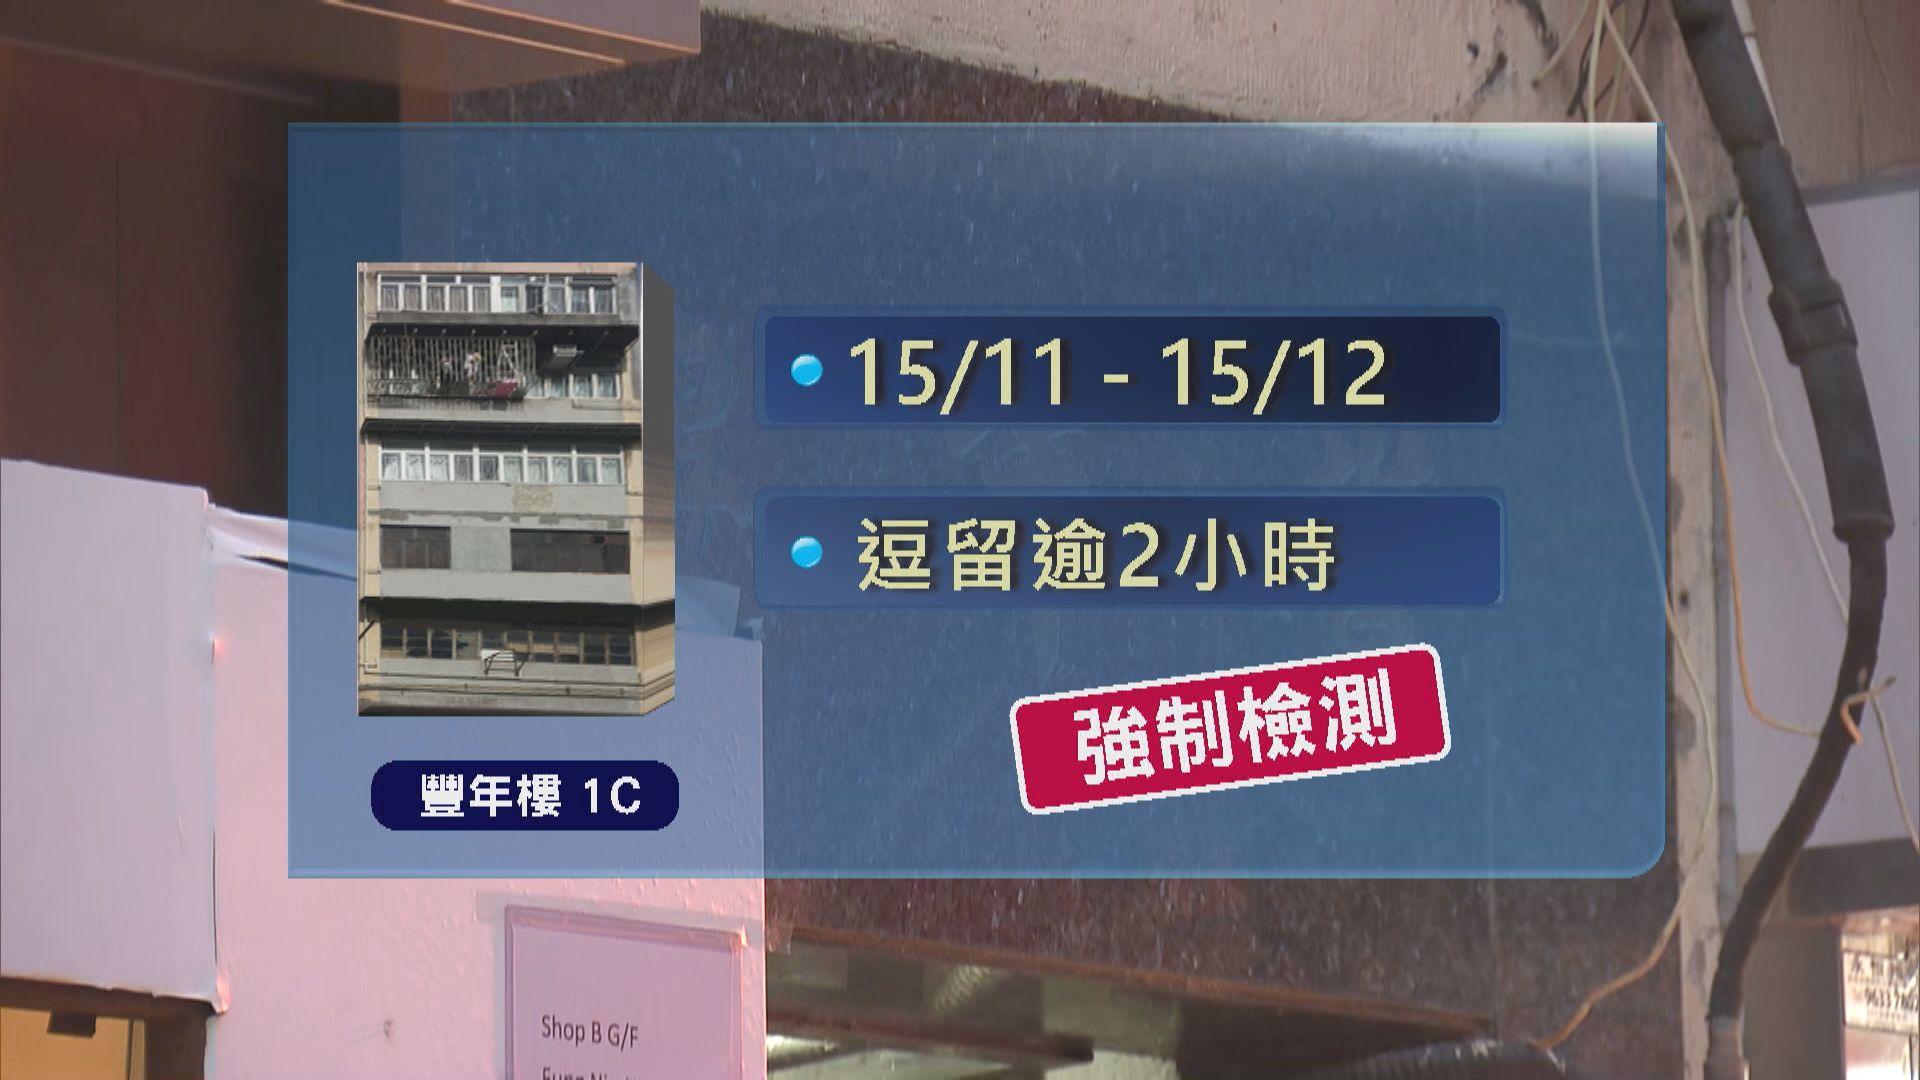 政府刊憲豐年樓宿舍、明麗樓及達怡樓住客強制檢測